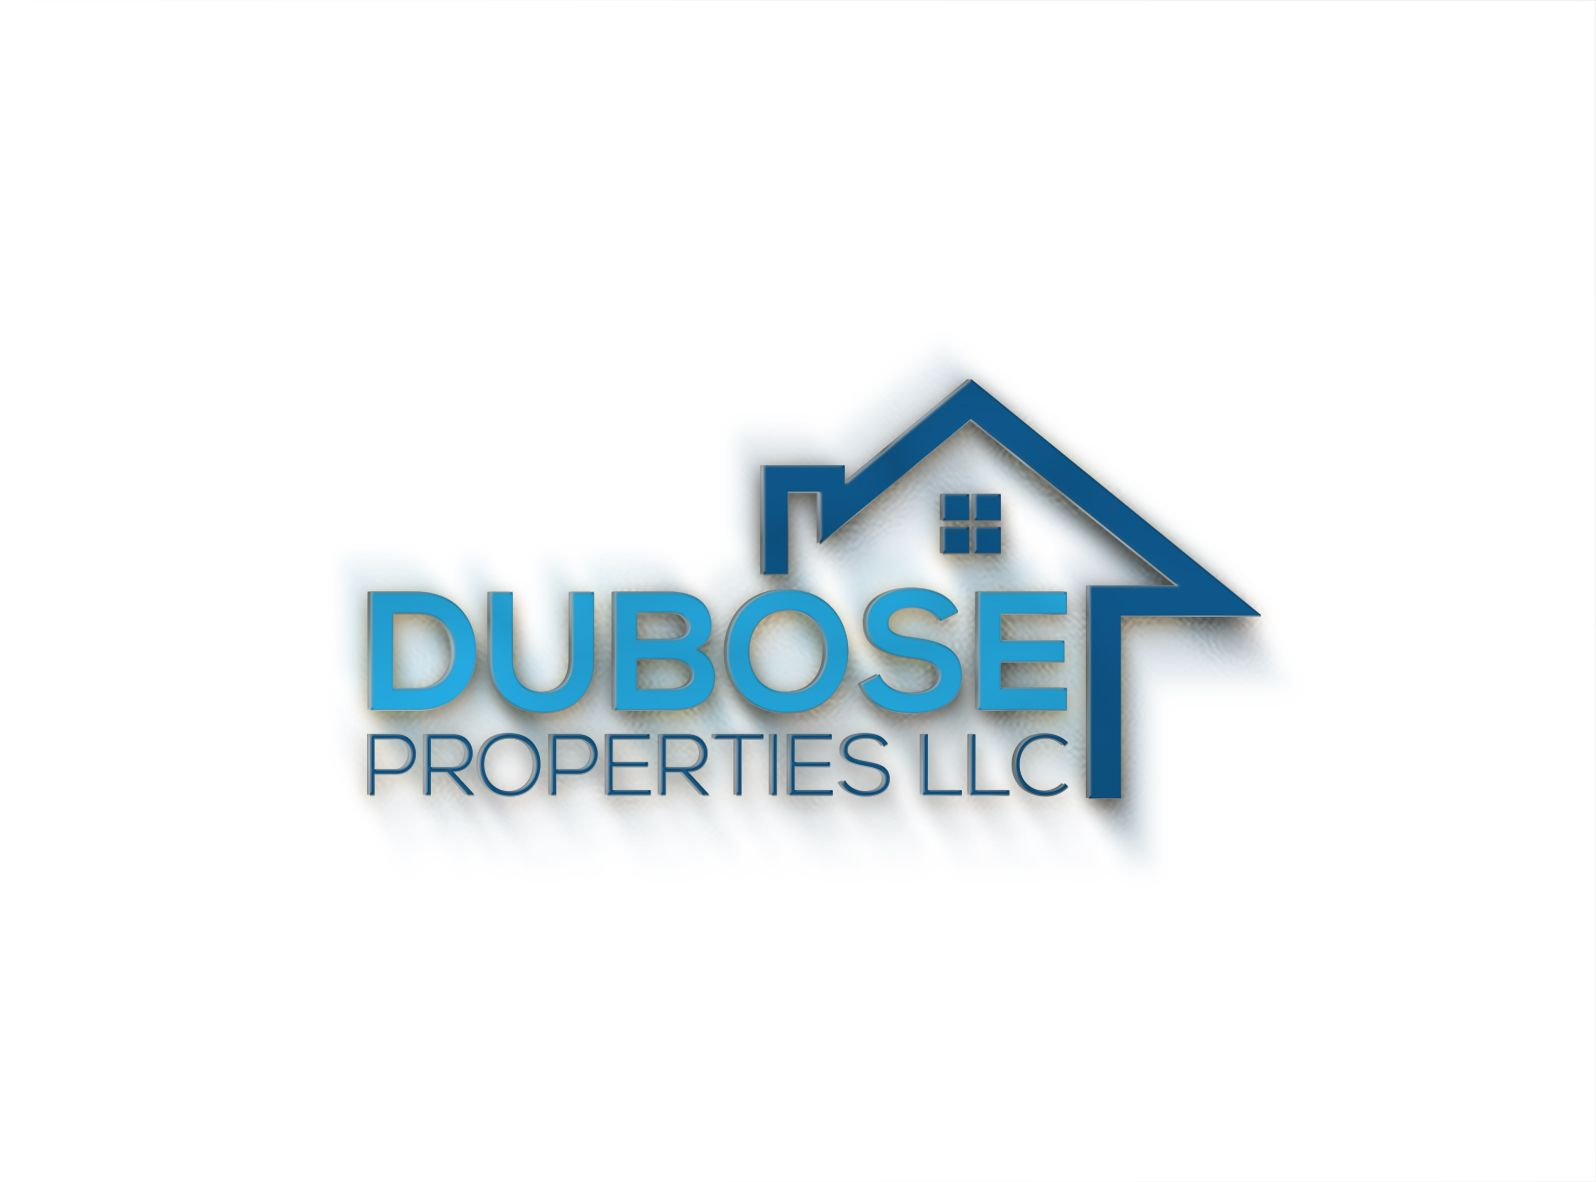 Duboseproperties Logo